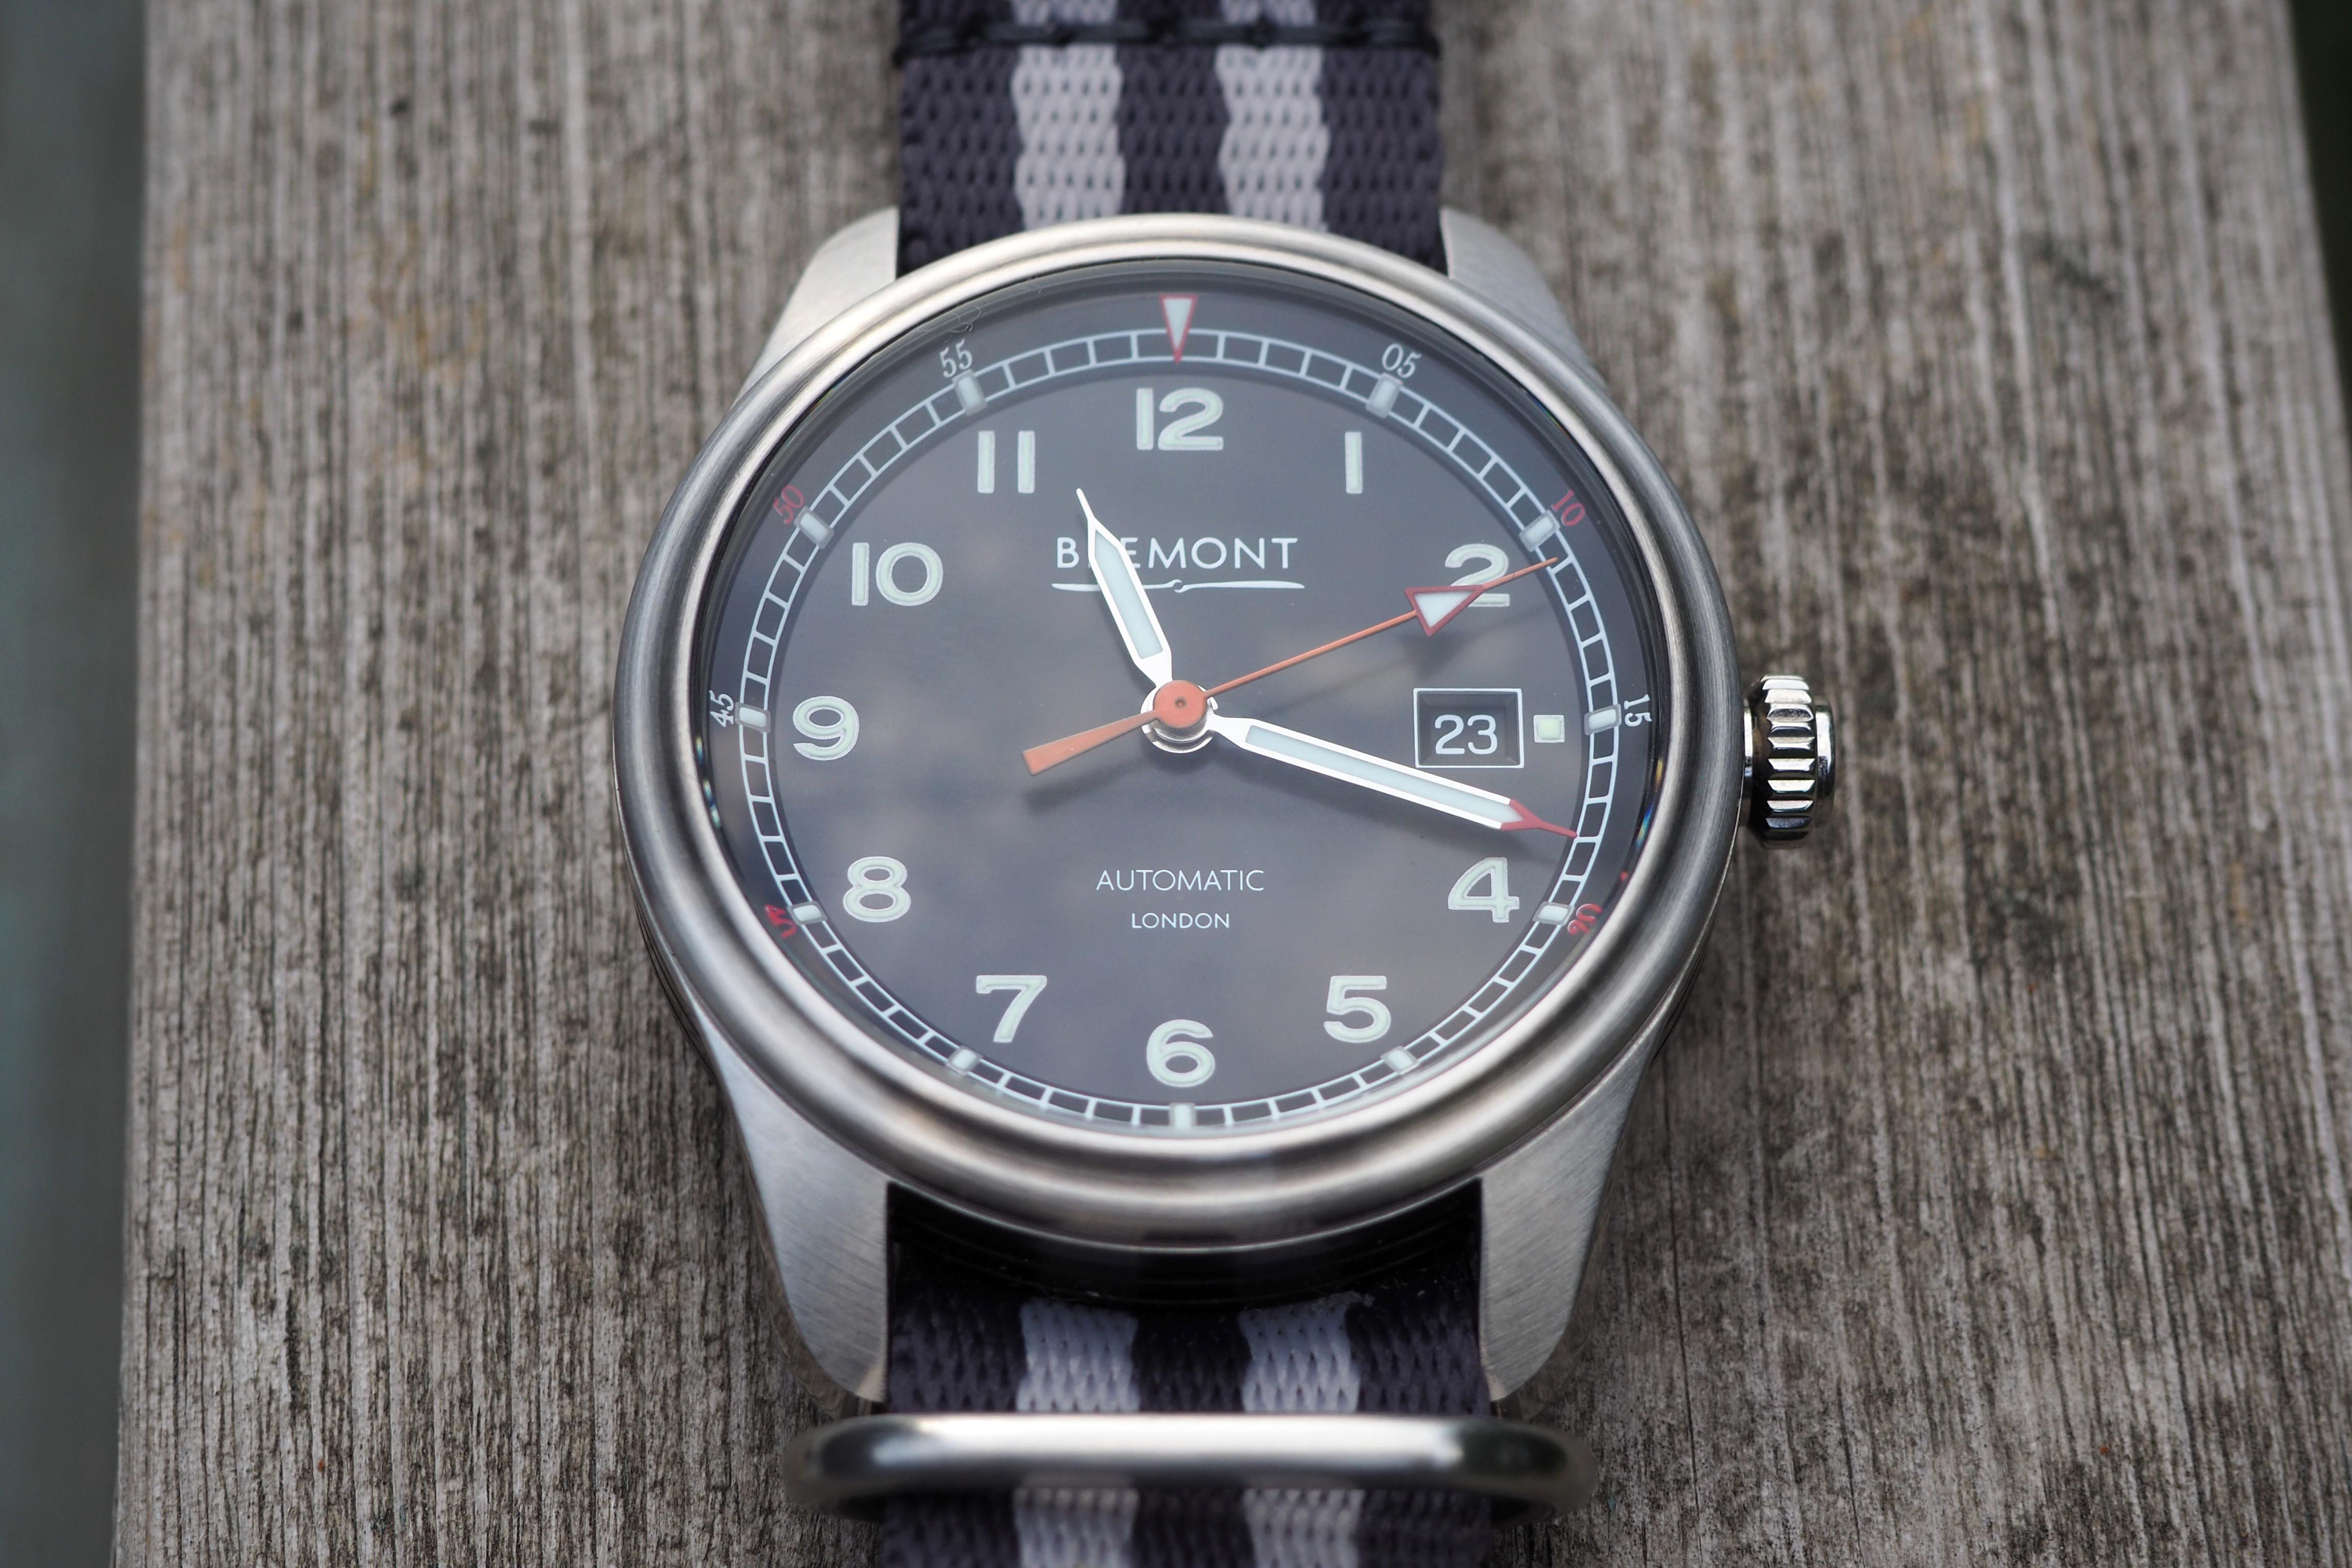 Mach 1 dial